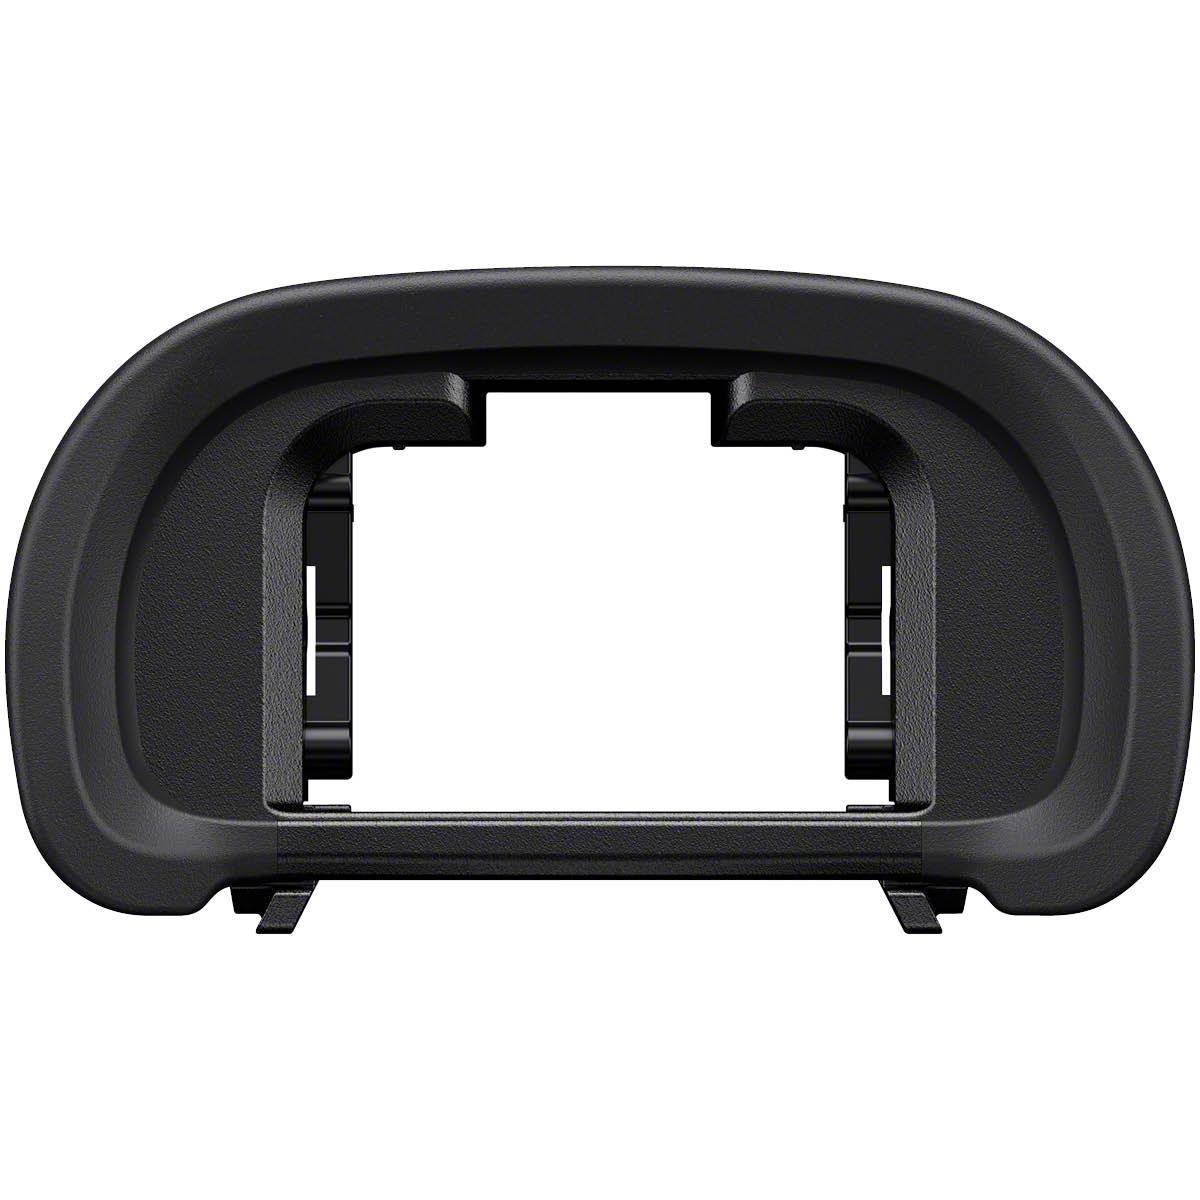 Sony FDA-EP18 Augenmuschel